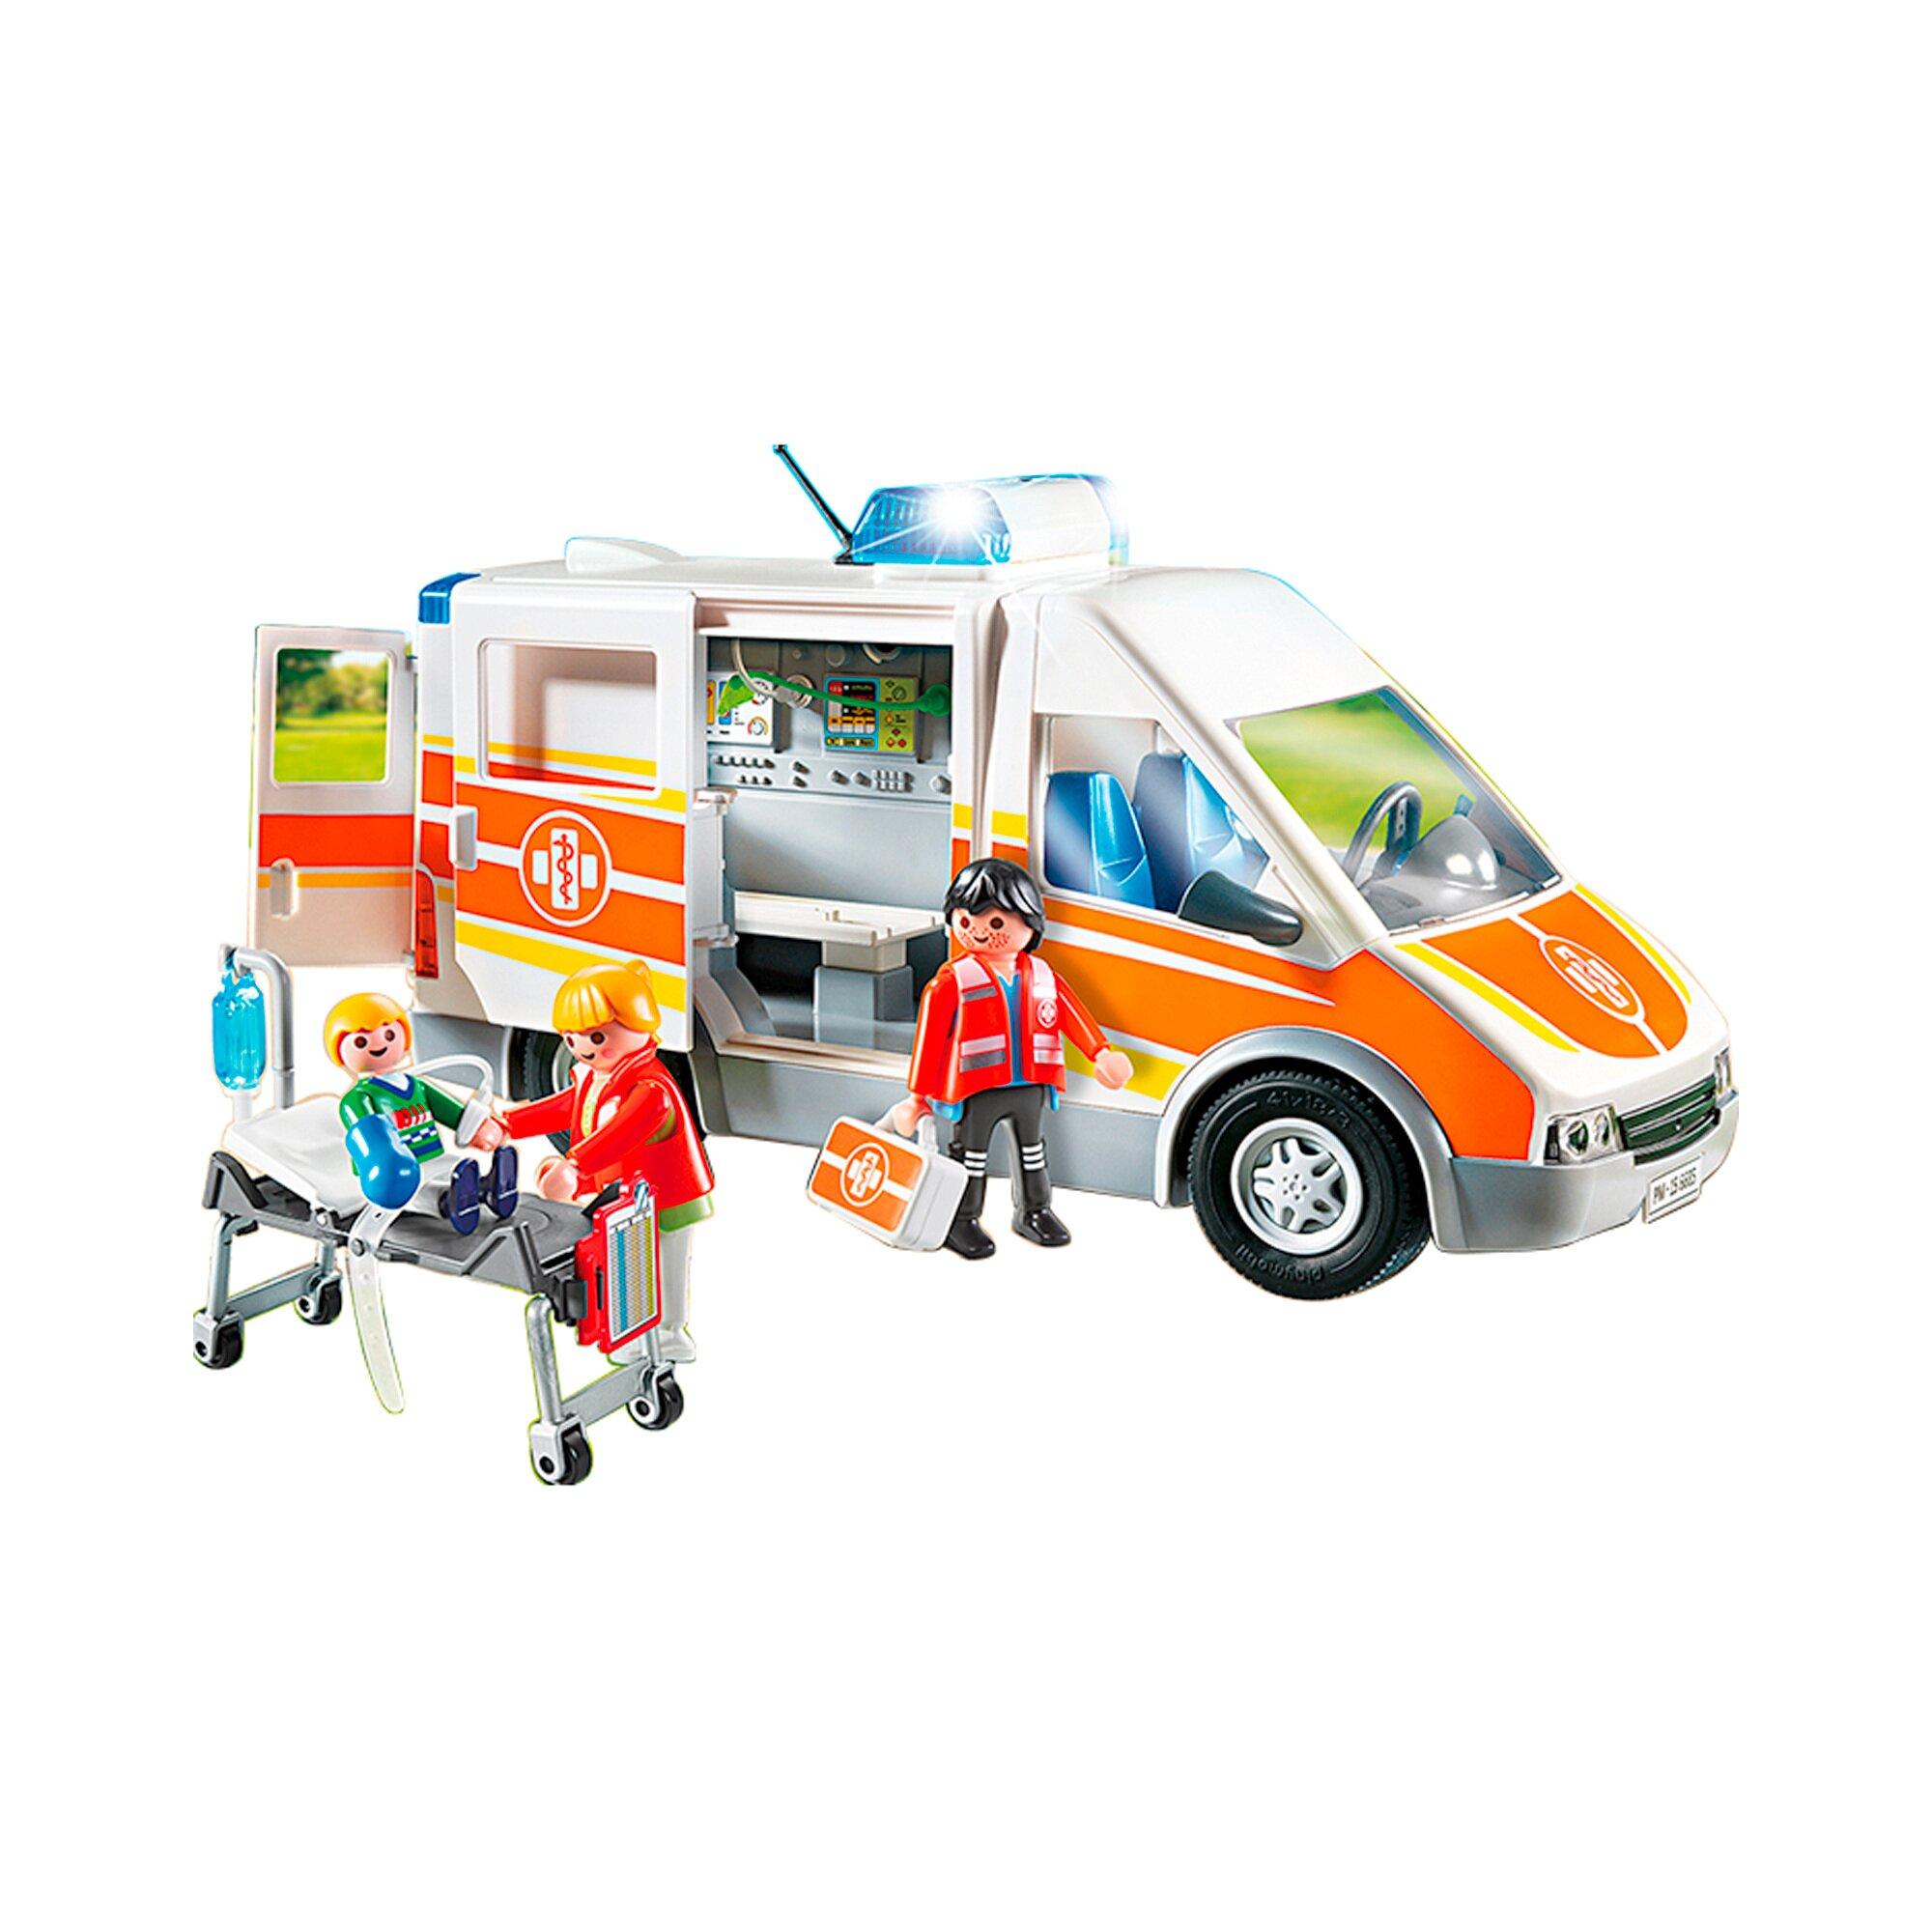 city-life-6685-krankenwagen-mit-licht-und-sound, 36.99 EUR @ babywalz-de